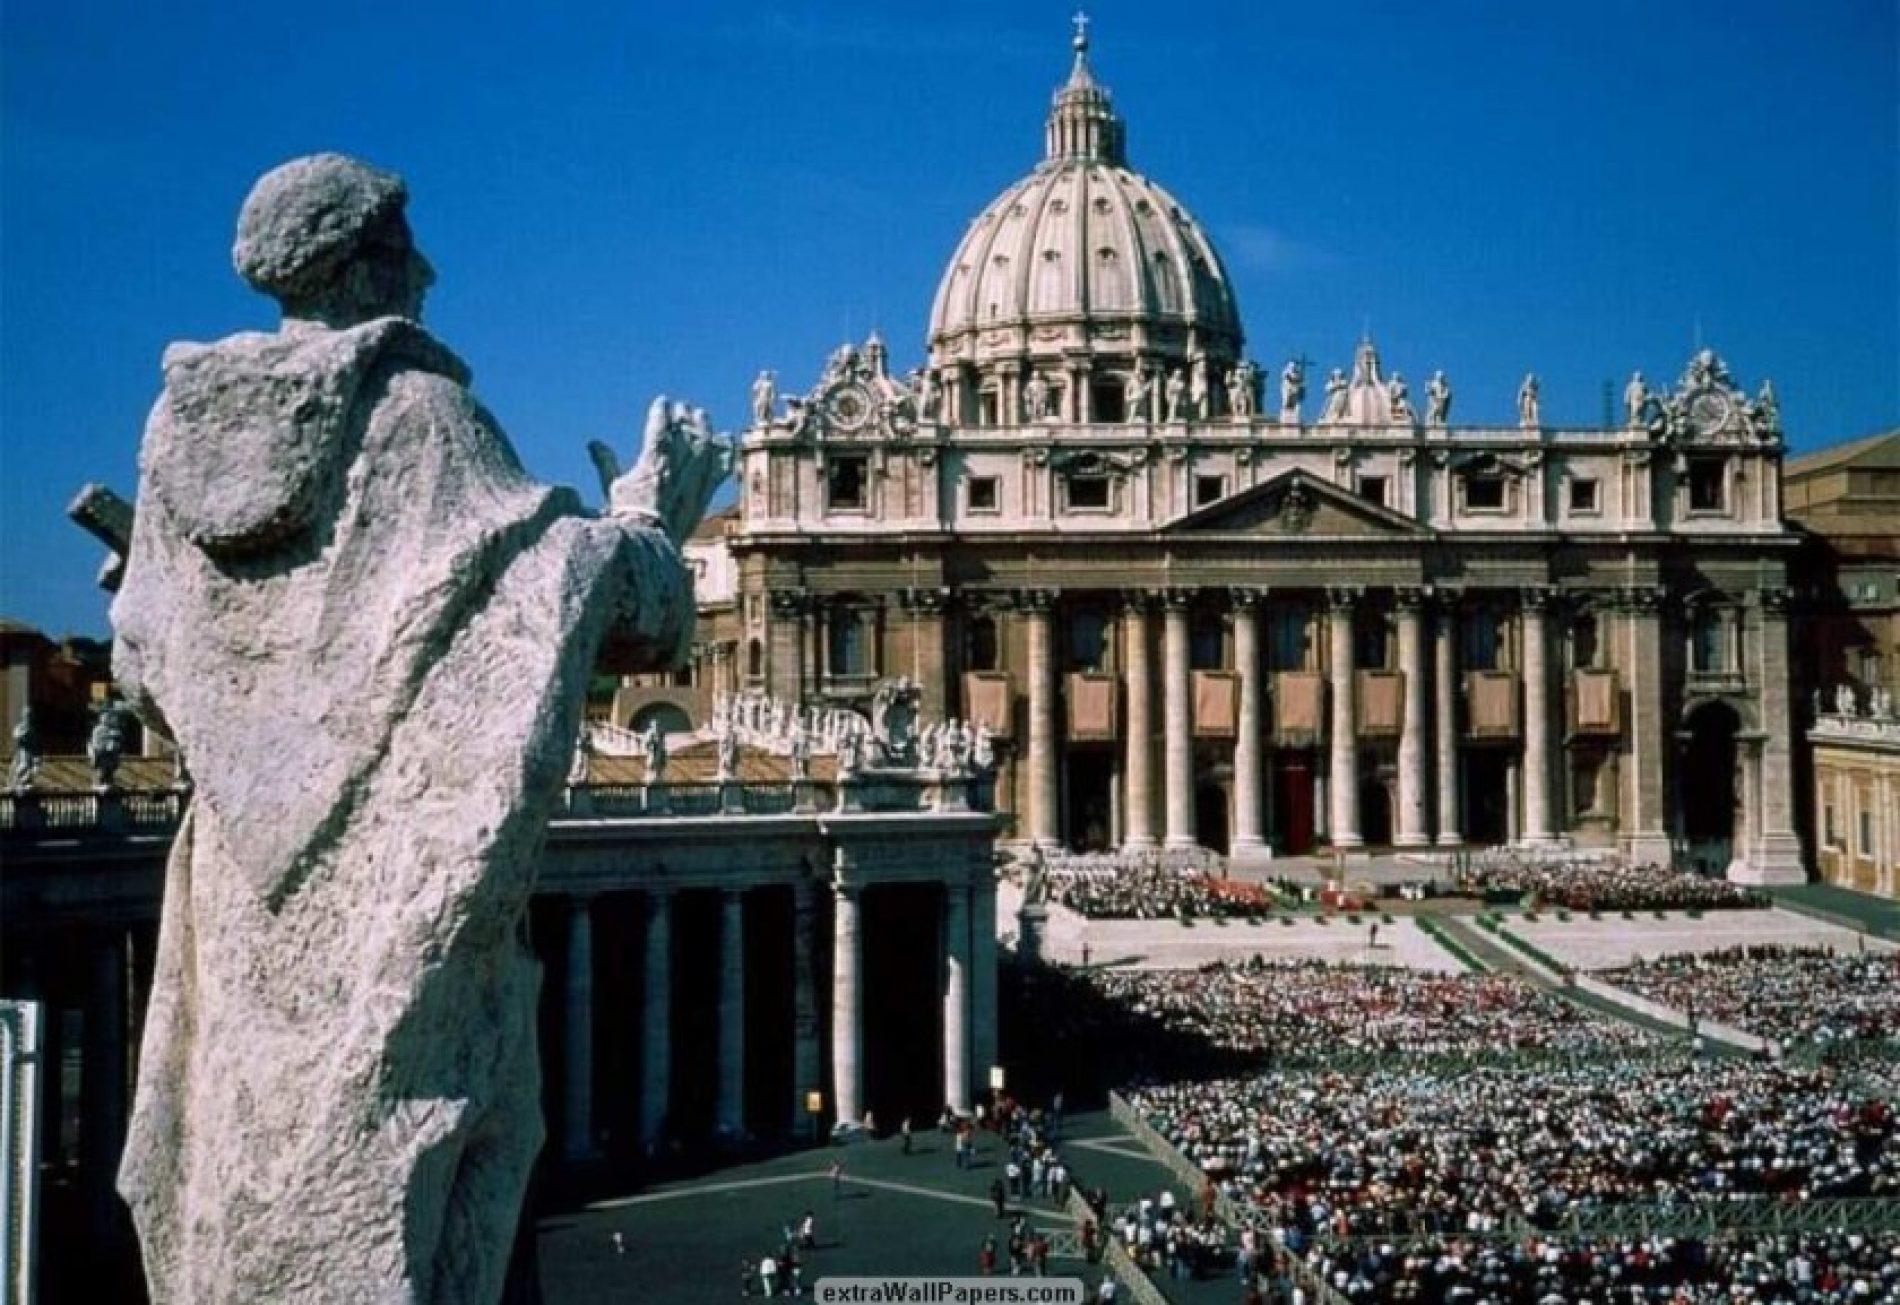 Corruptos podem ser excomungados da igreja católica, diz Vaticano